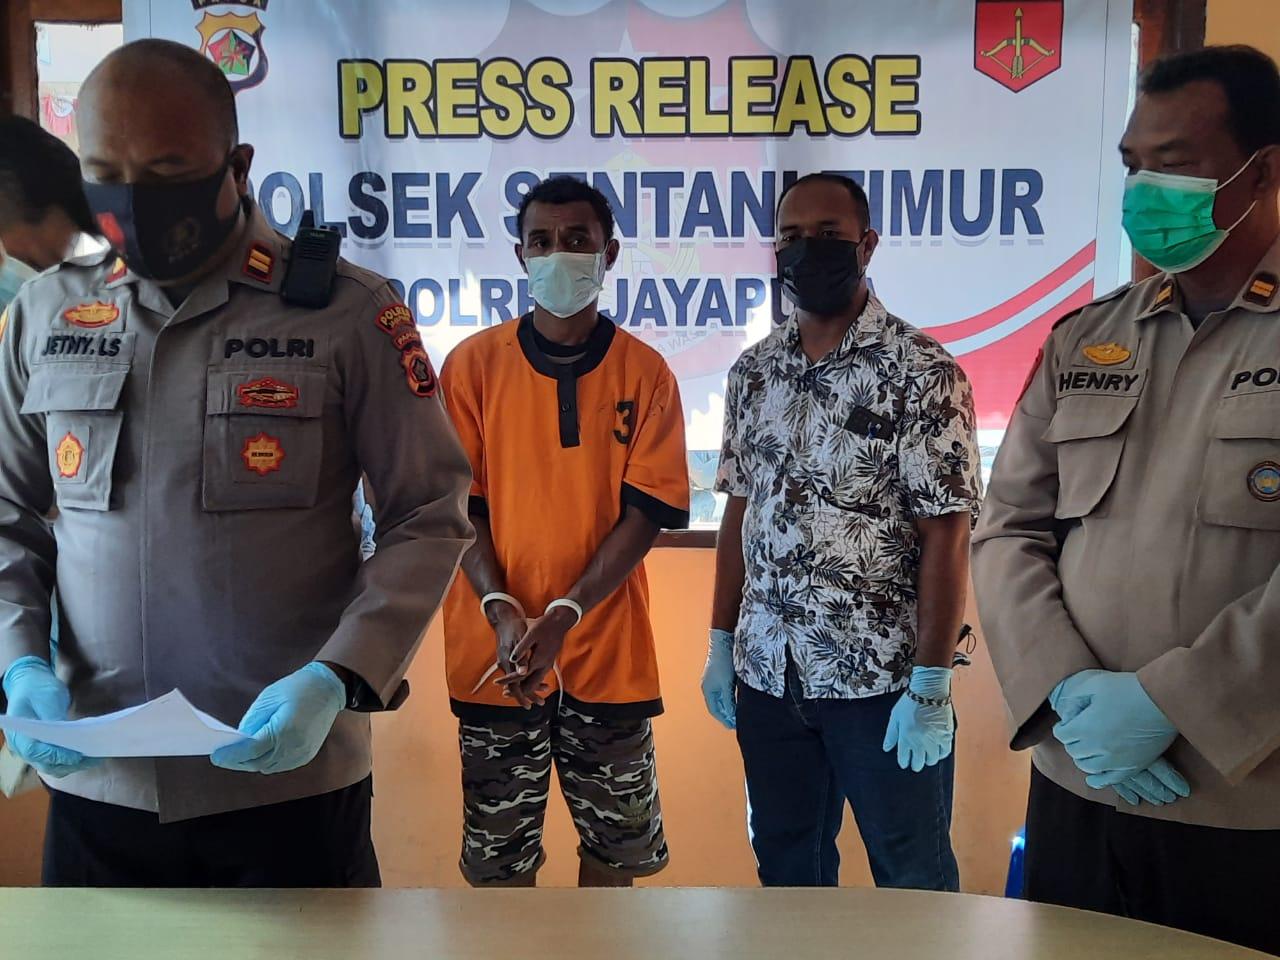 Polisi tangkap tukang ojek pelaku pemerkosa relawan PON XX